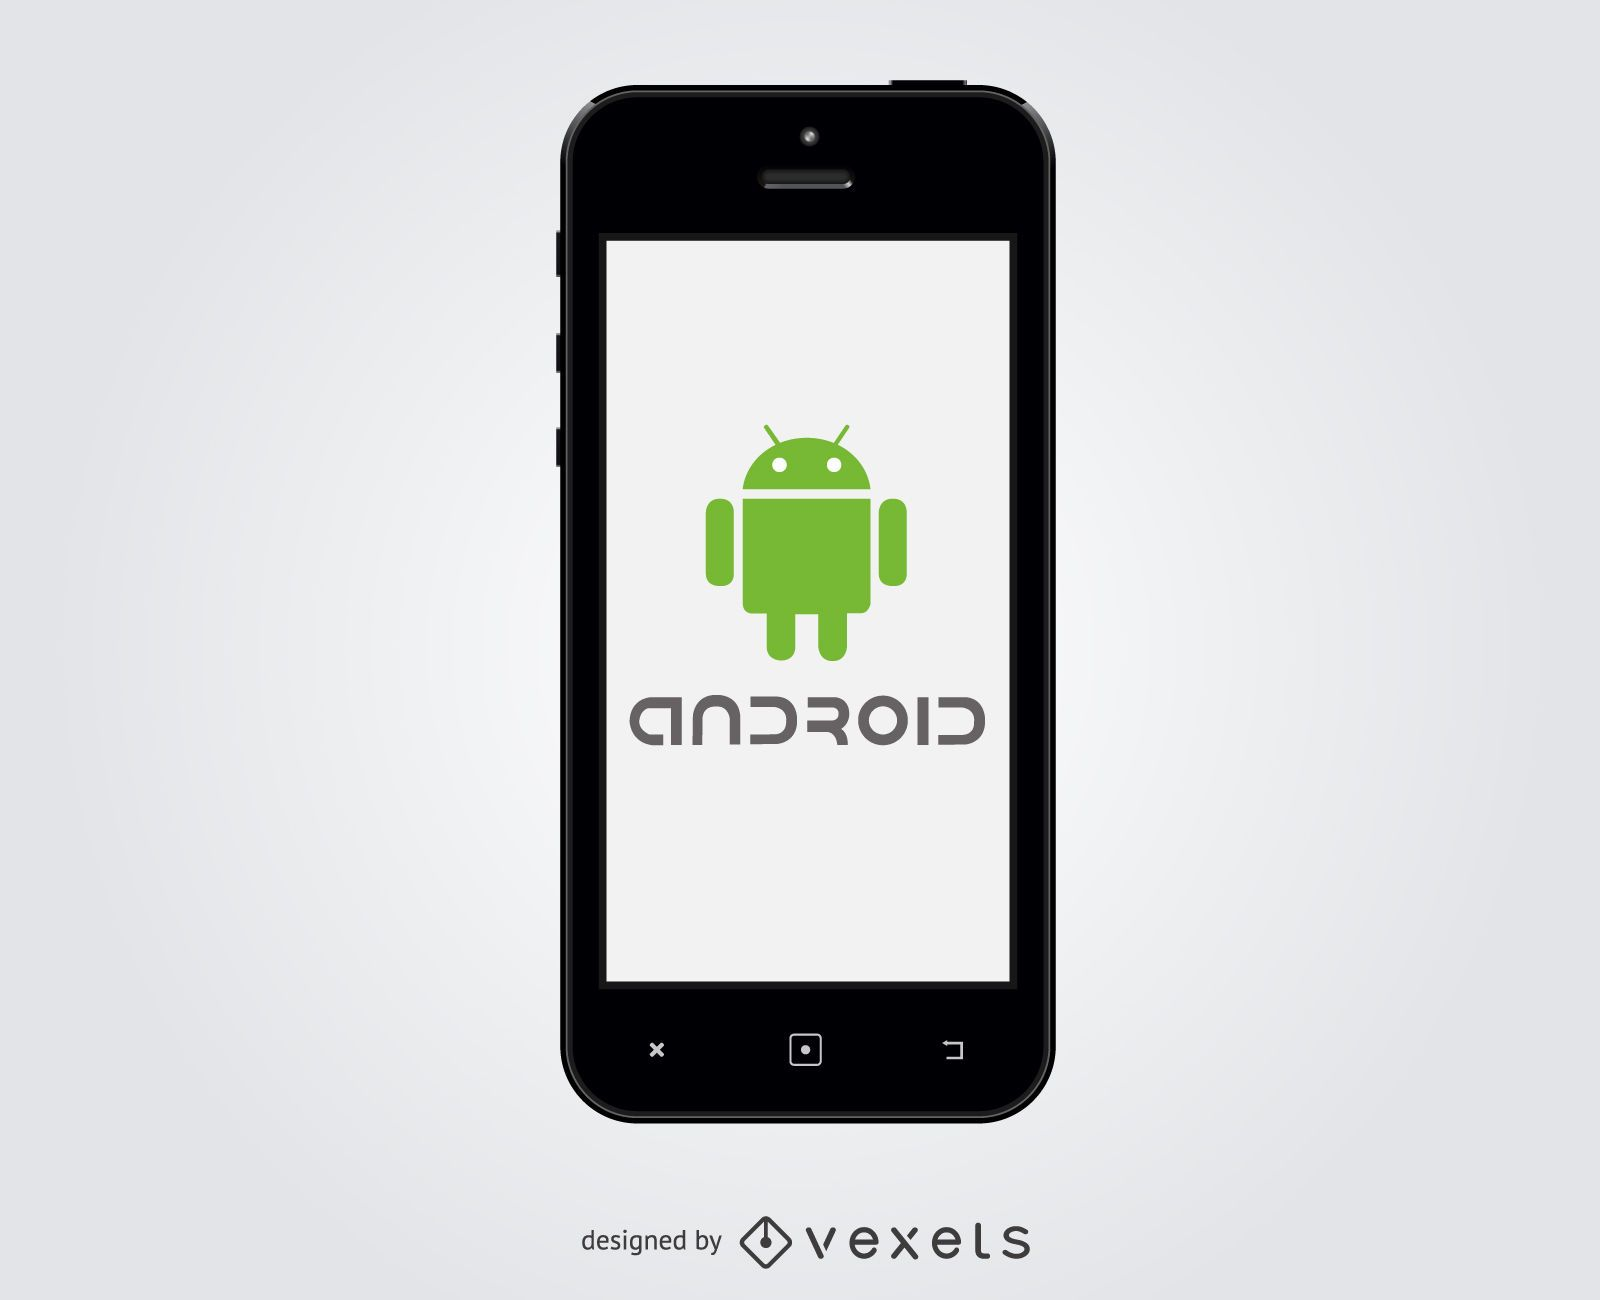 Logotipo de Android dentro del teléfono inteligente